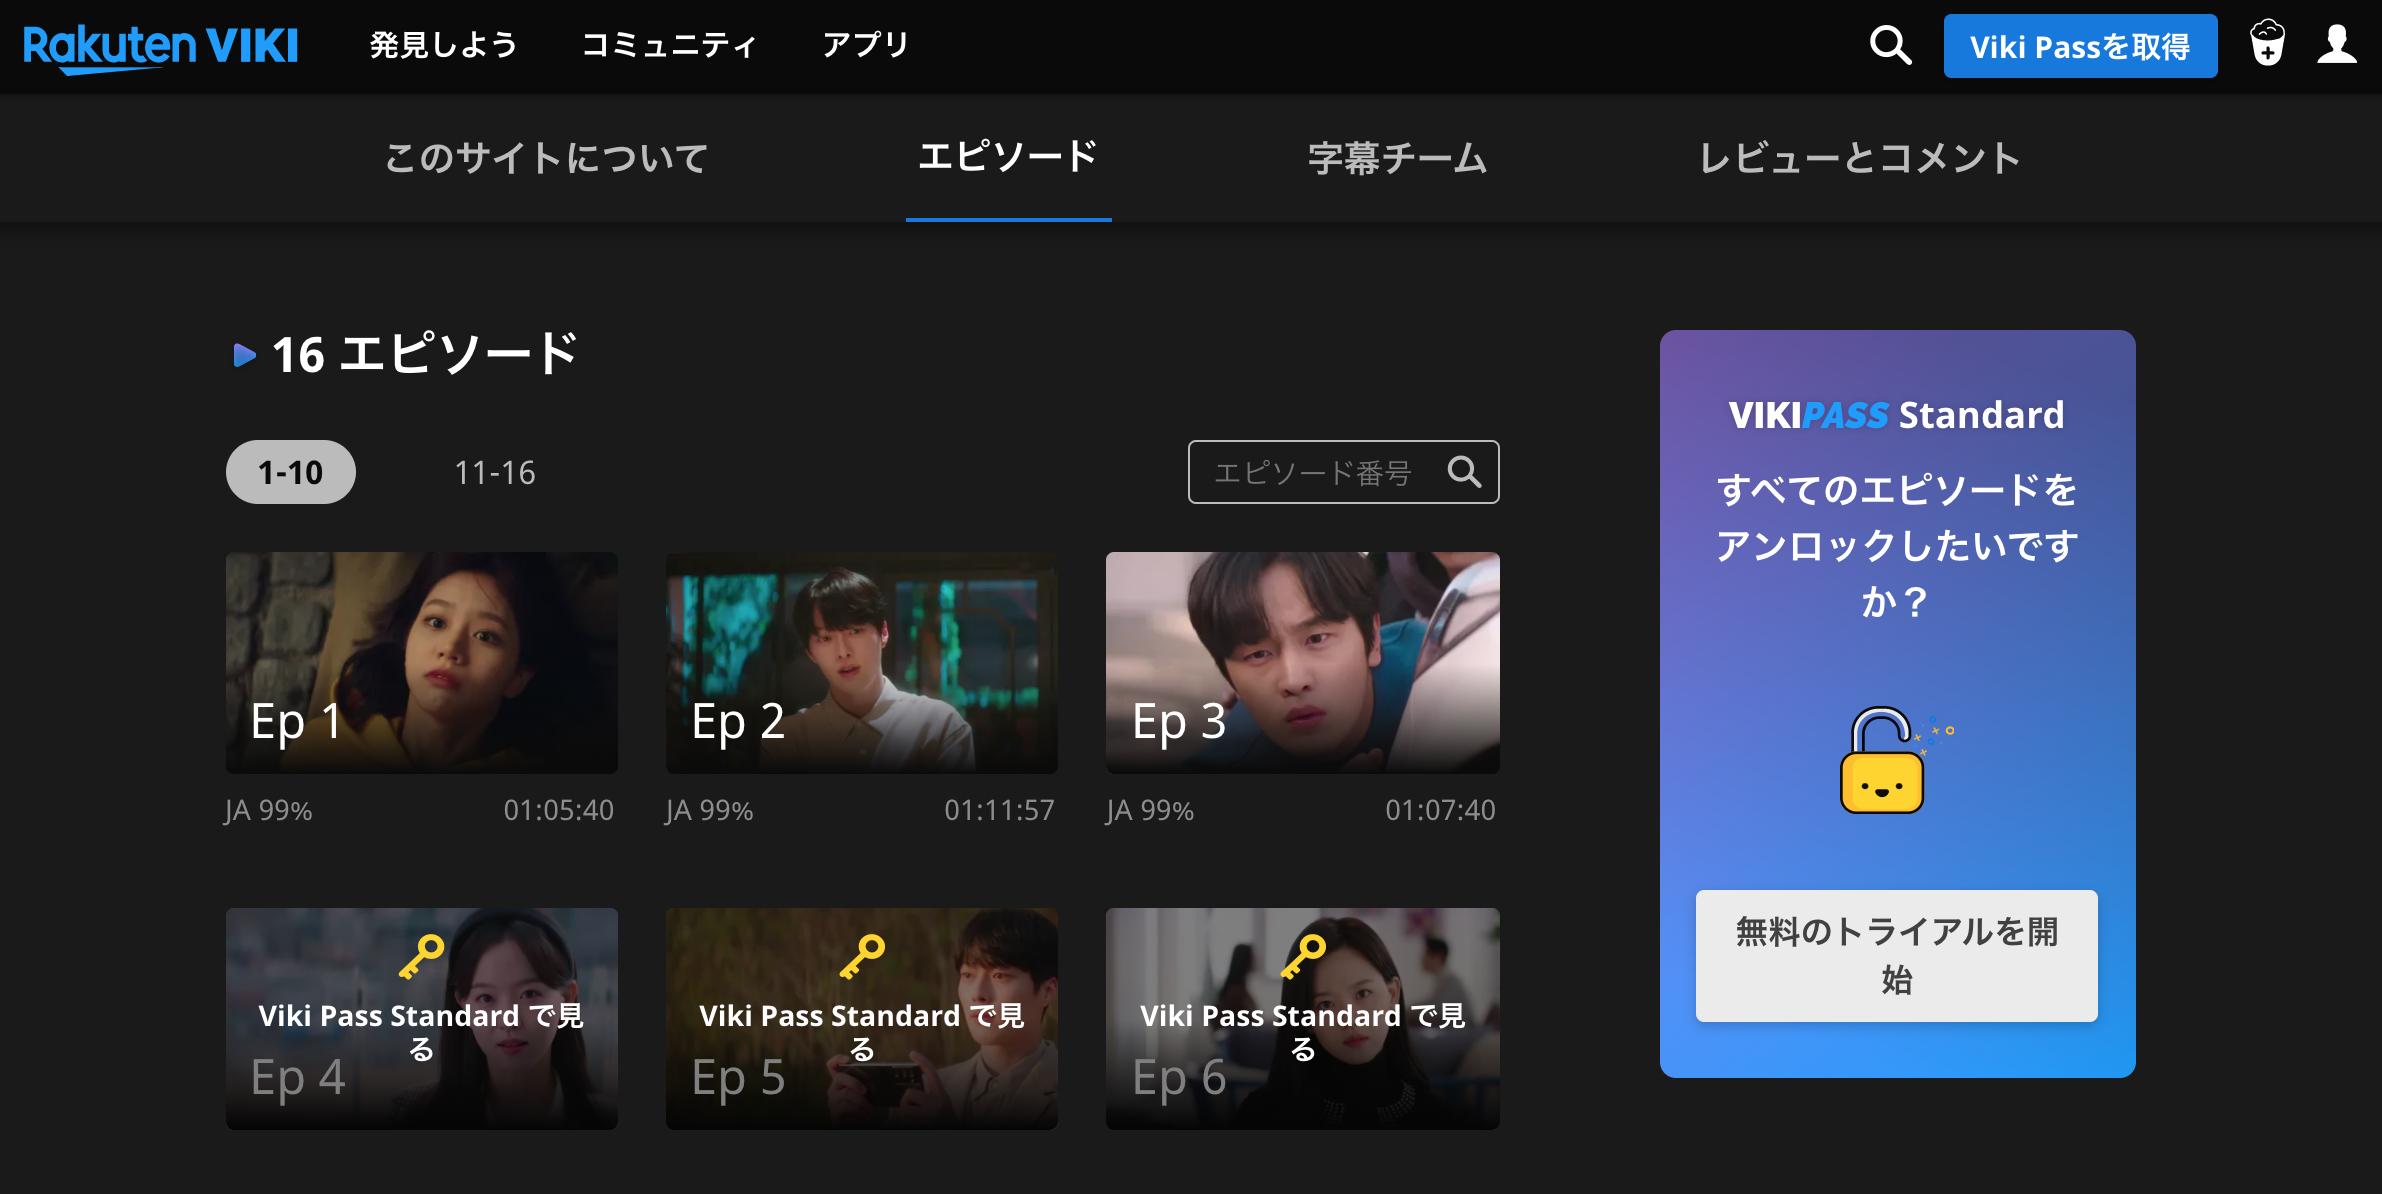 楽天VIKIでは3話まで無料!それ以降はVIKI standardで観れます!